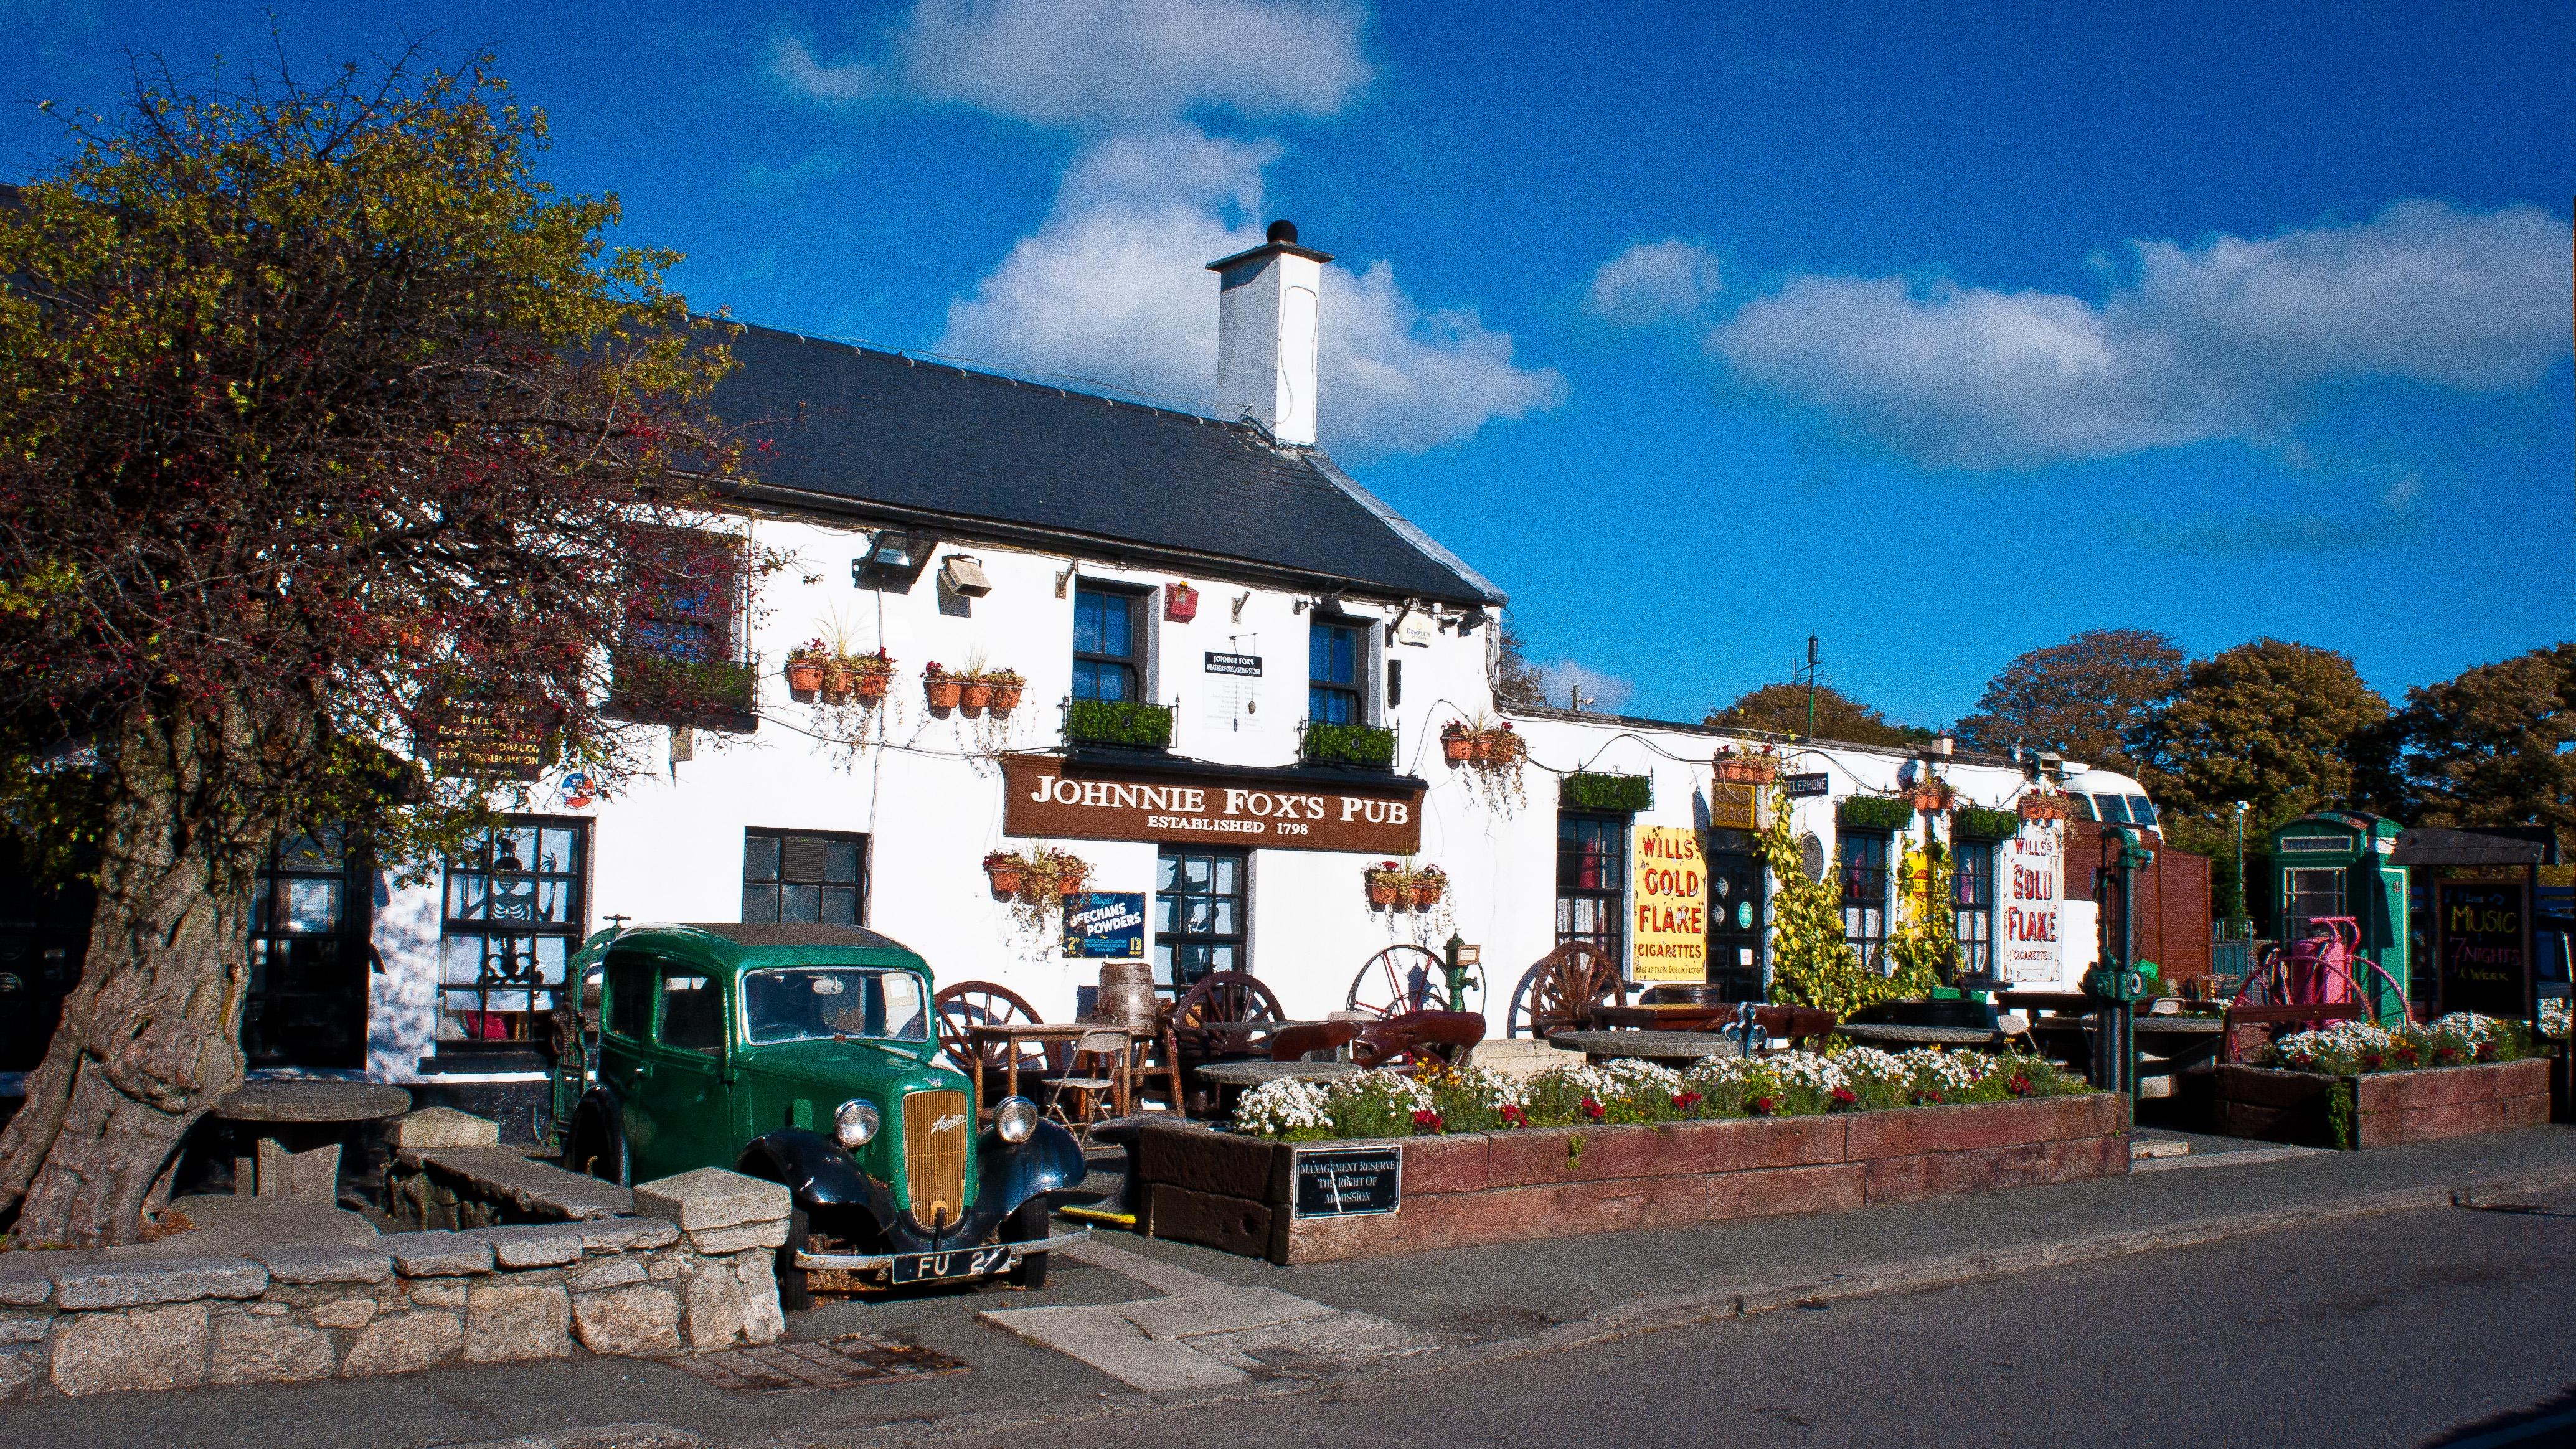 Johnny Fox's Pub, Glencullen  Biranın vatanı Dublin'de bir lokal gibi içebileceğiniz 7 pub Johnnie Foxs Pub